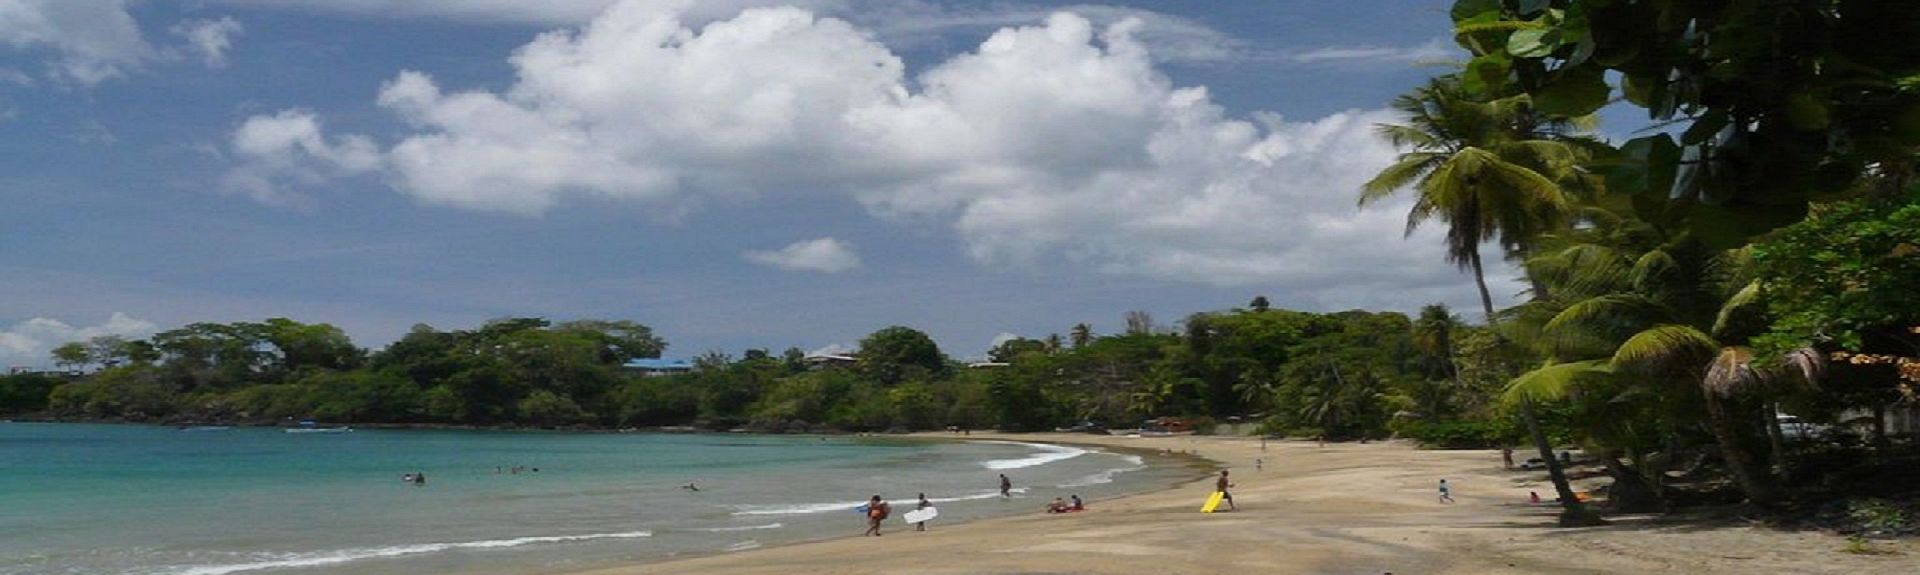 Buccoo, Western Tobago, Republik Trinidad und Tobago